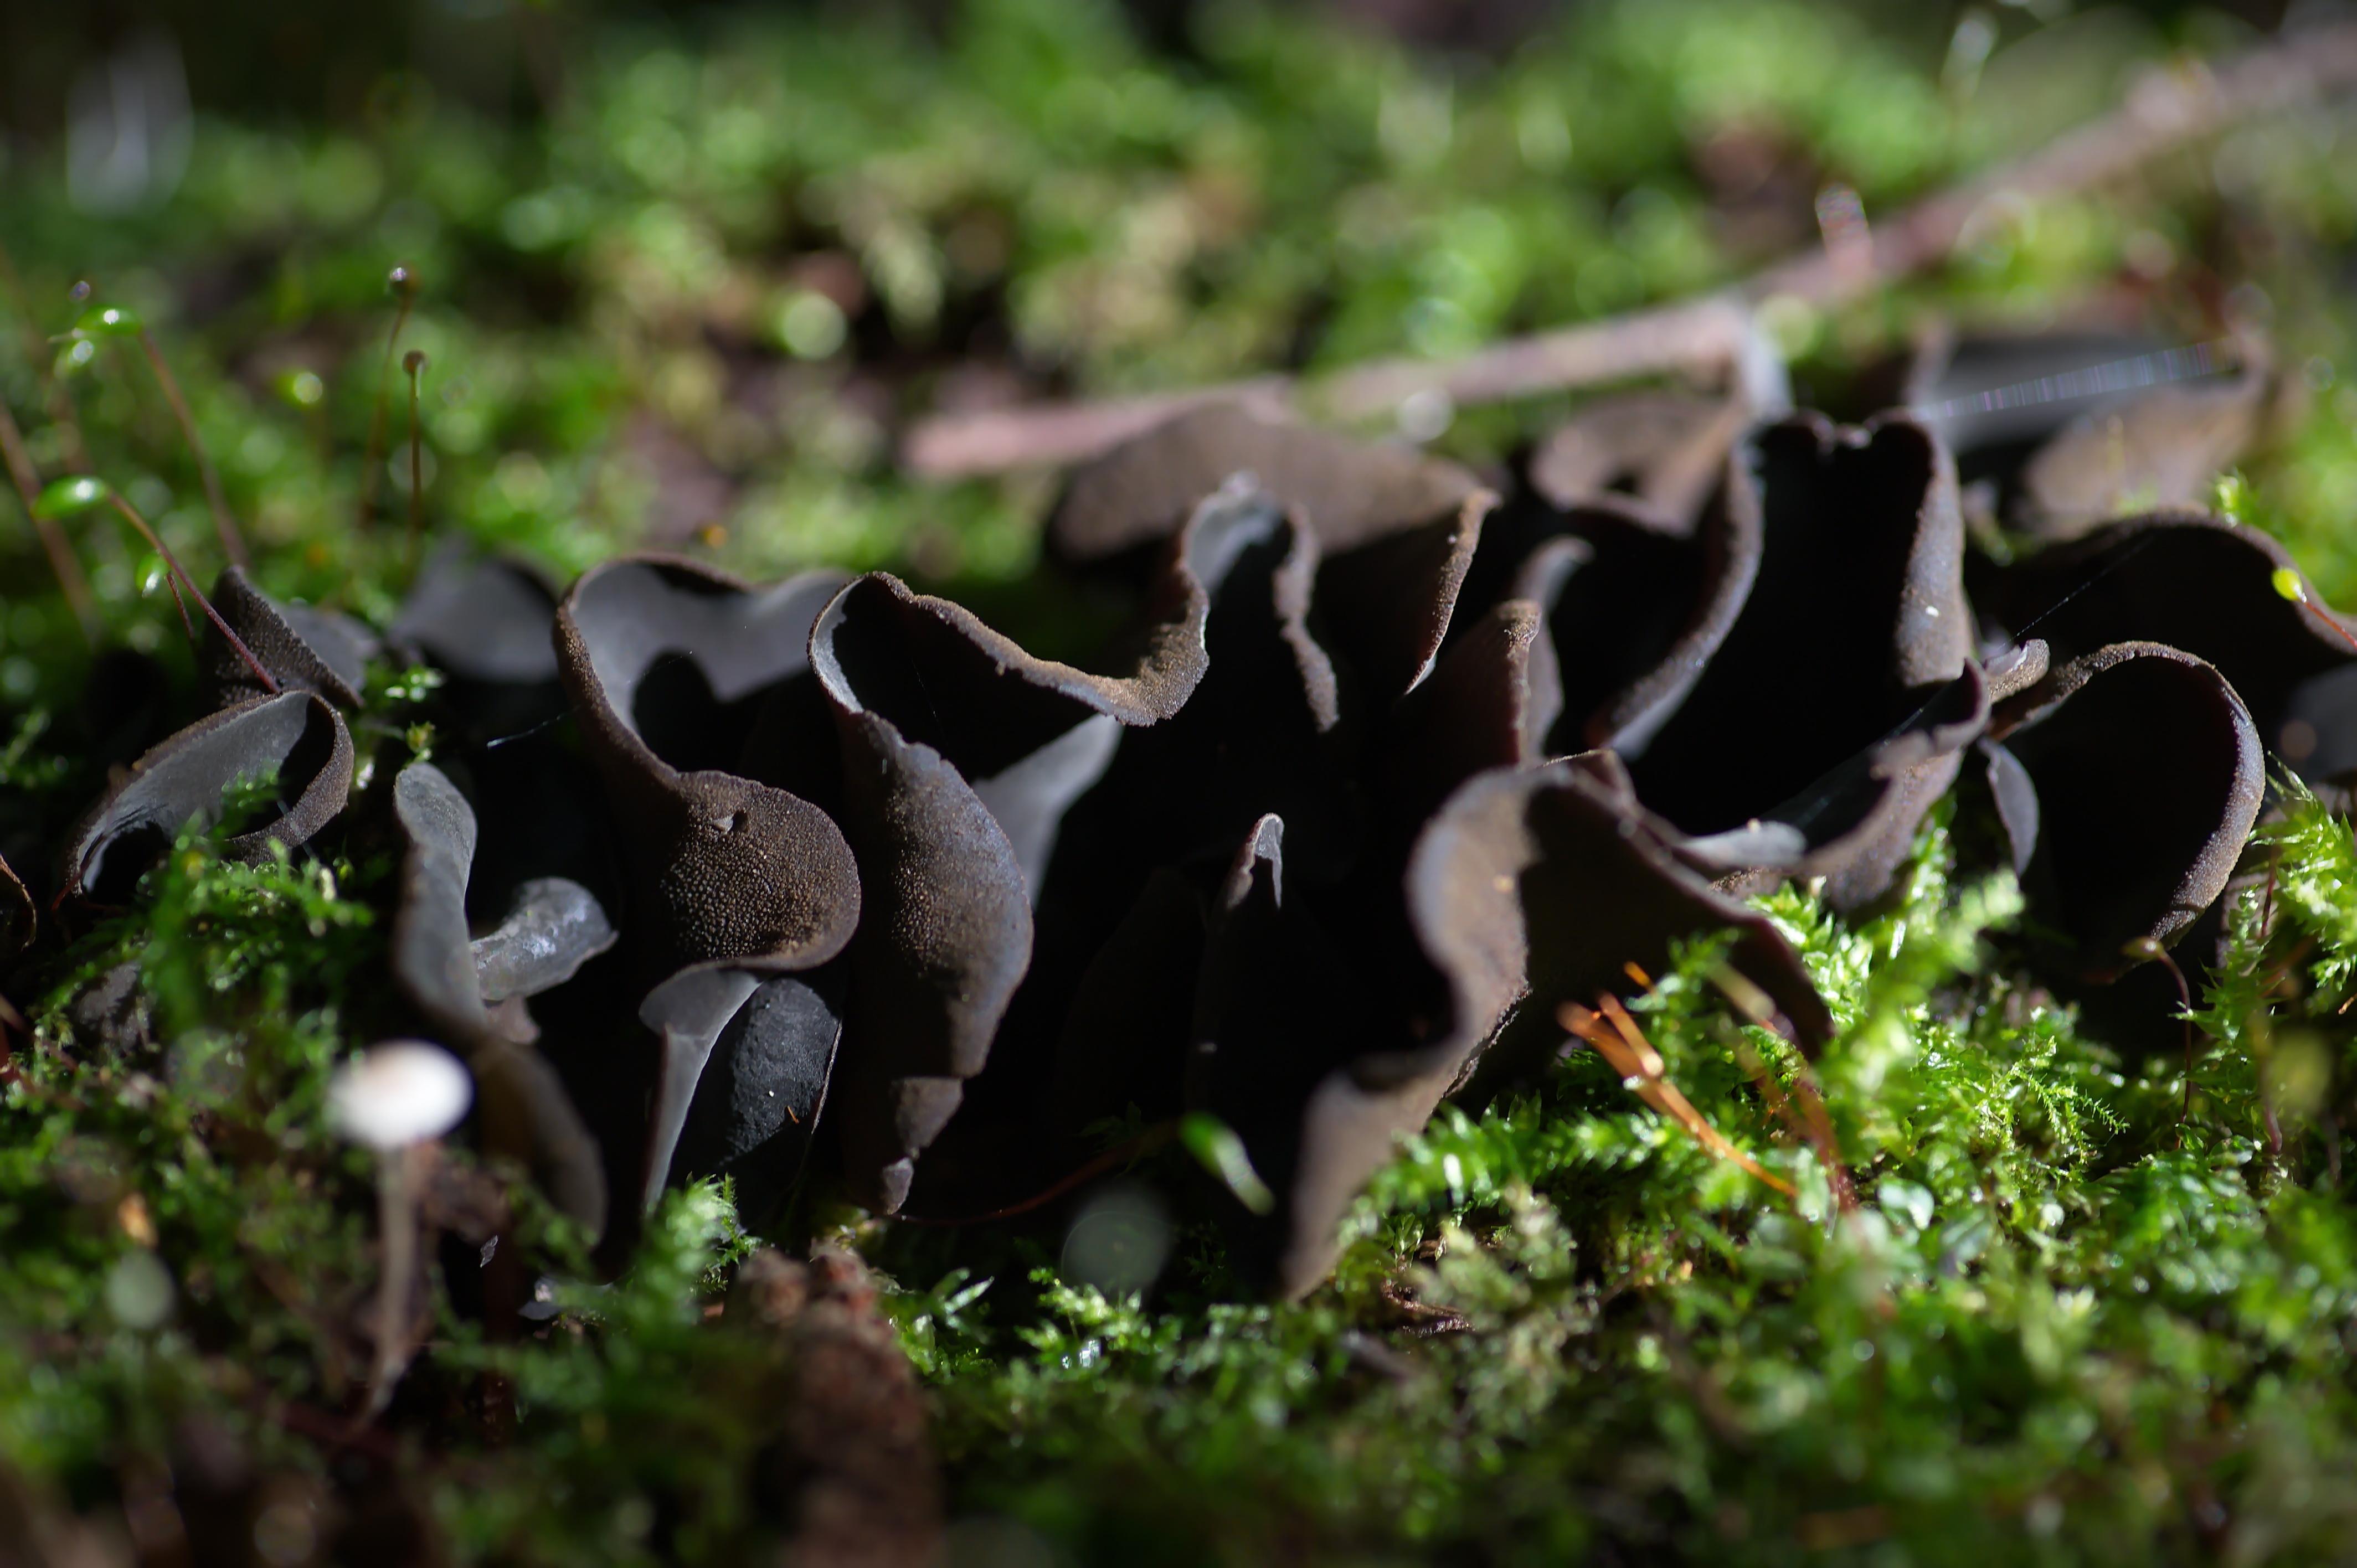 Валуевский лесопарк. Редчайший для наших мест гриб – Иономидотис. Фото: Алексей Захаринский